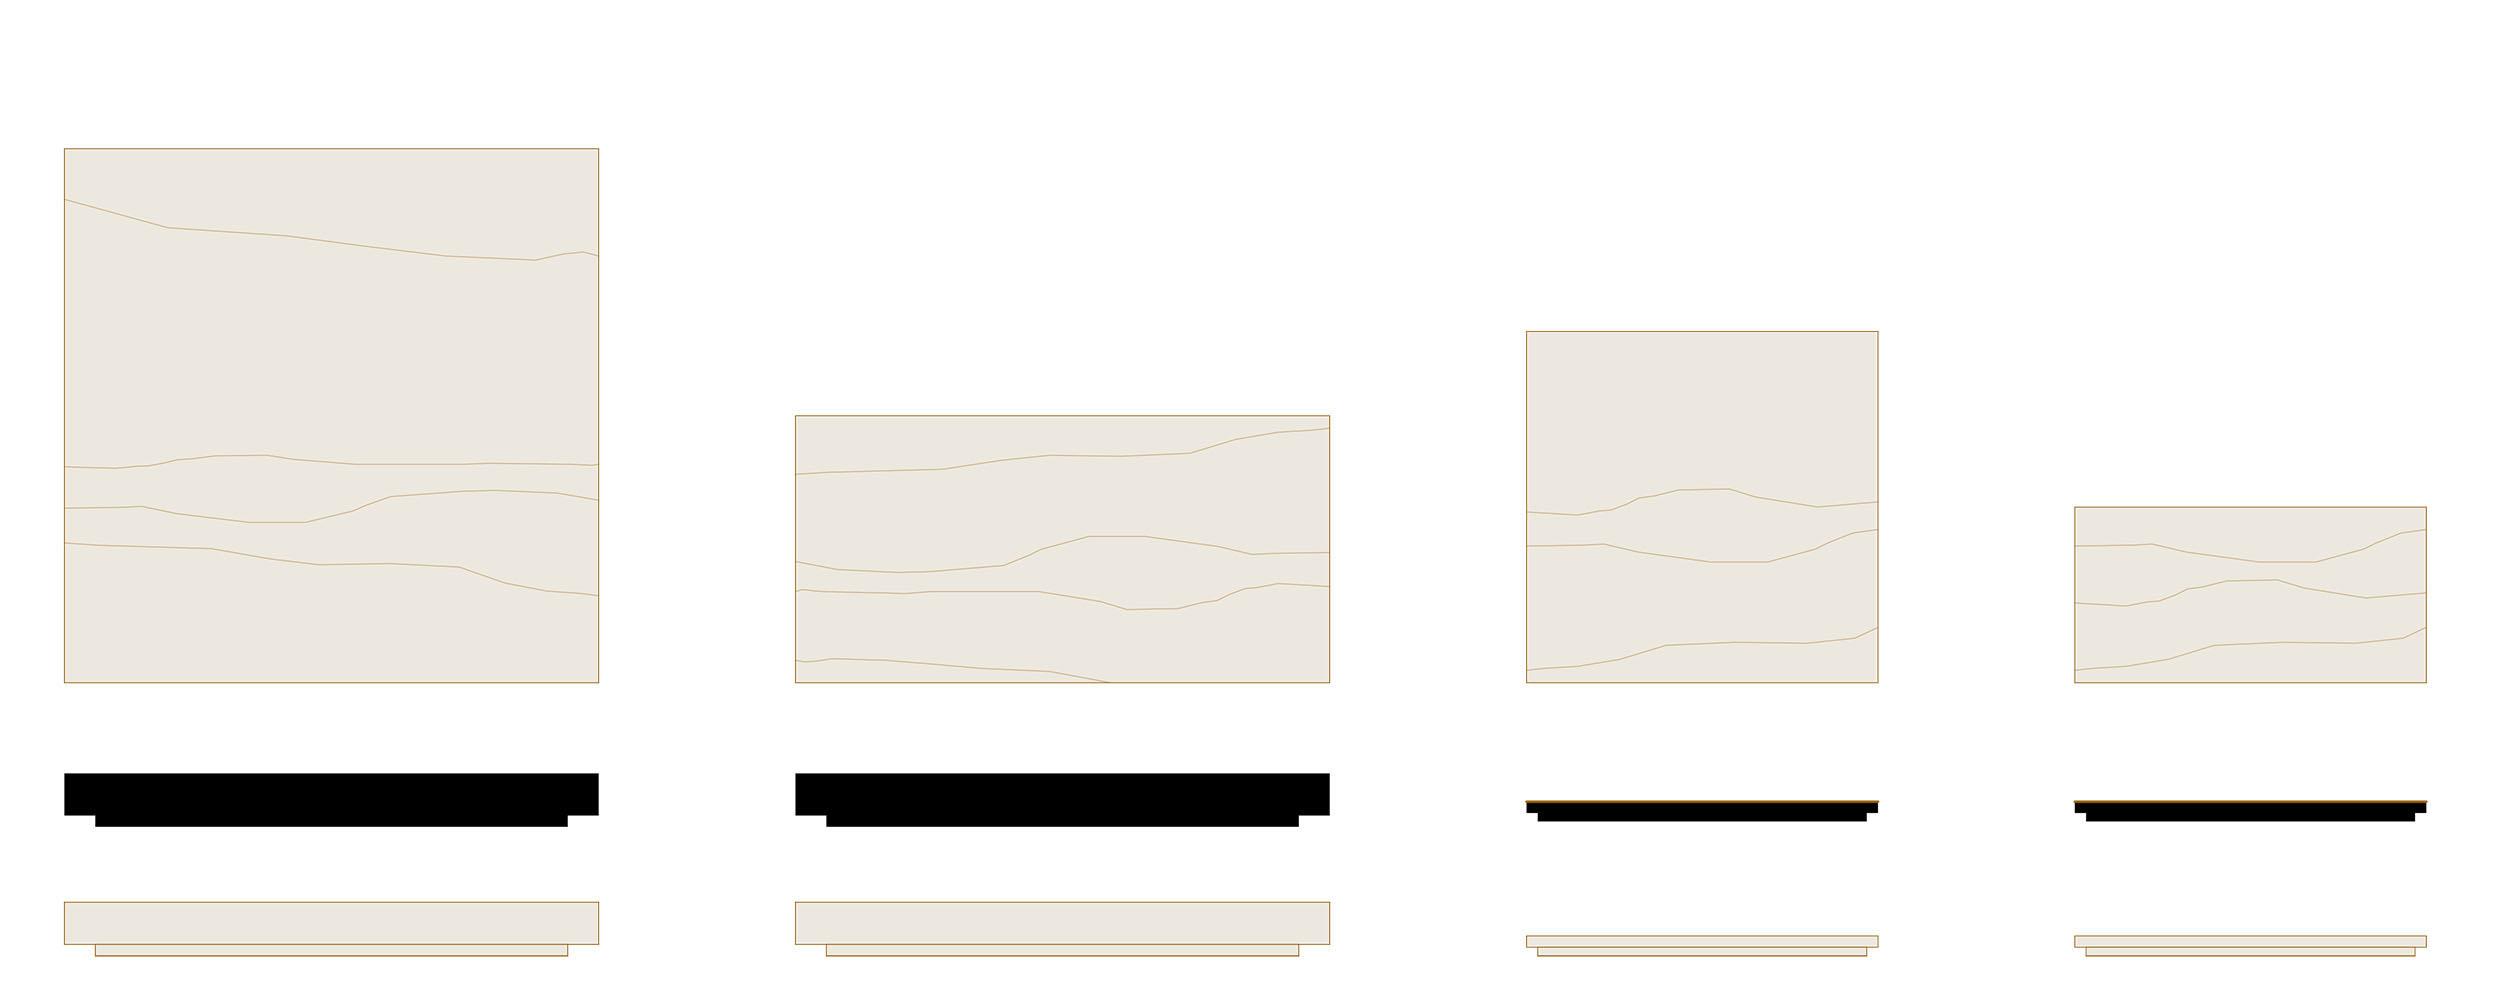 dessins des plaques en chêne